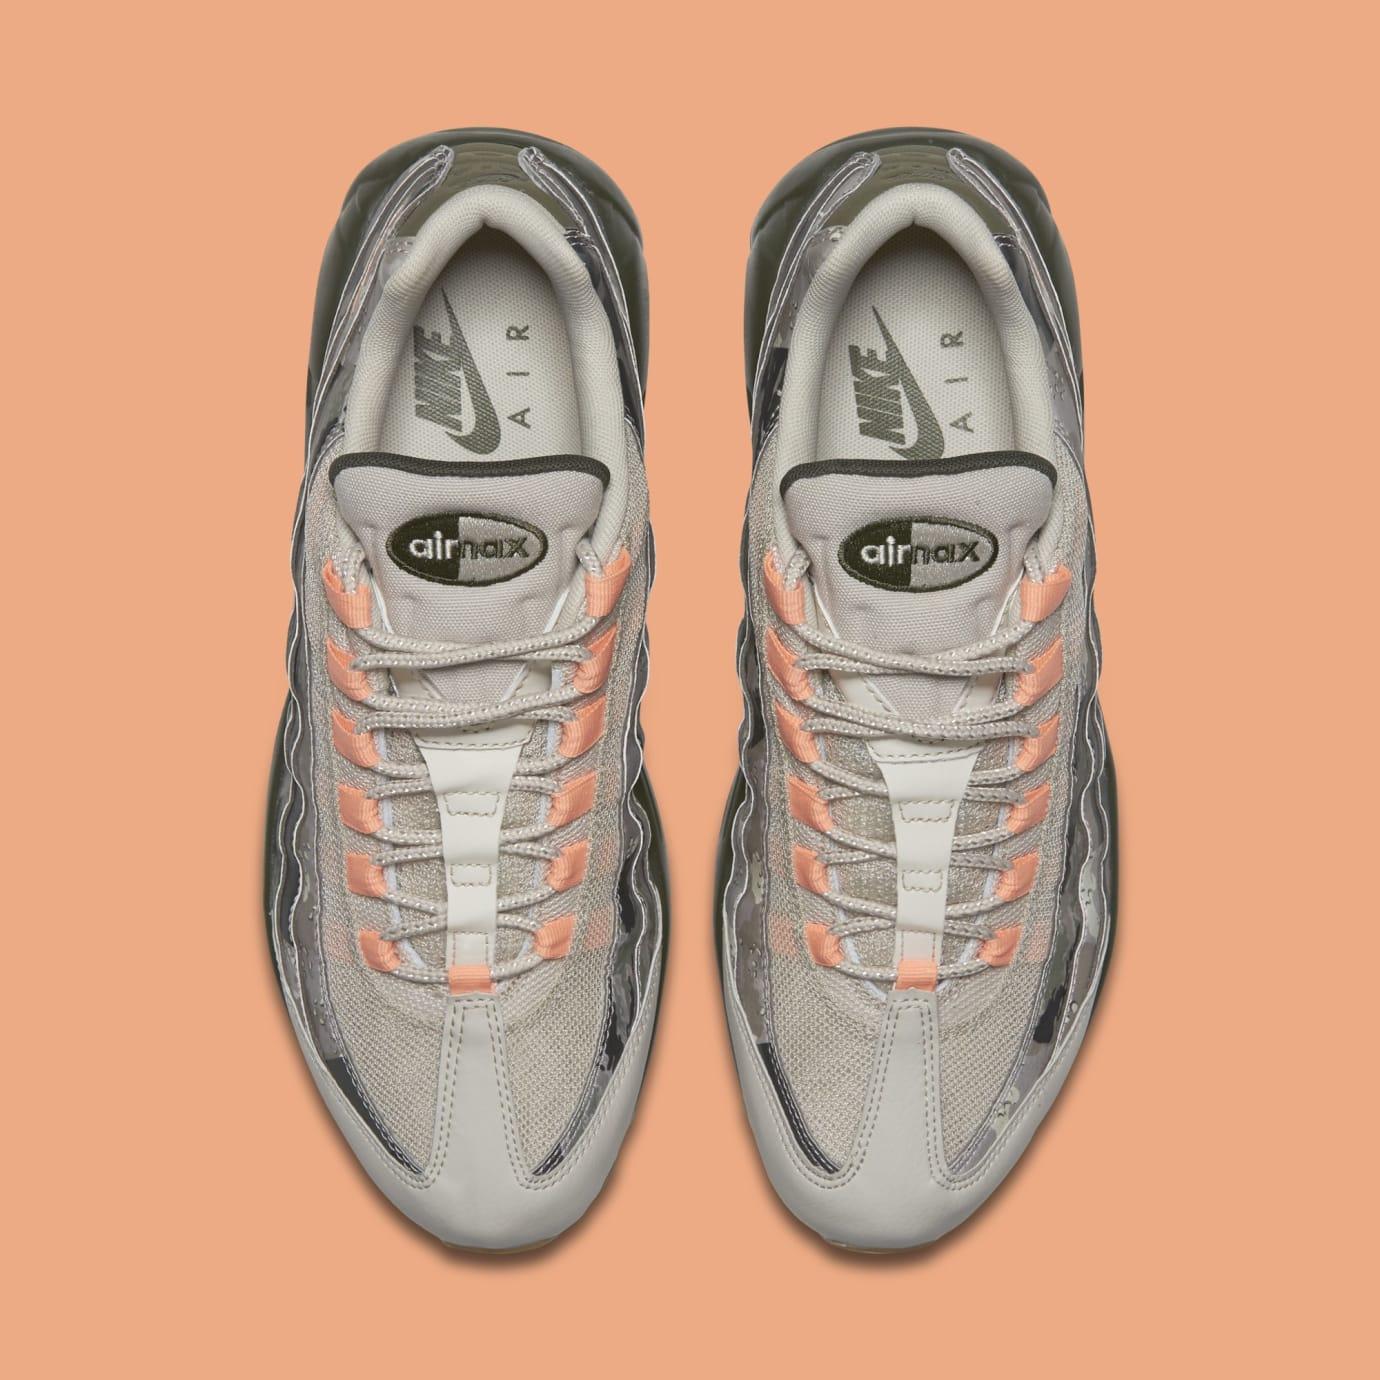 Nike Air Max 95 'Desert Camo' AQ6303-001 (Top)